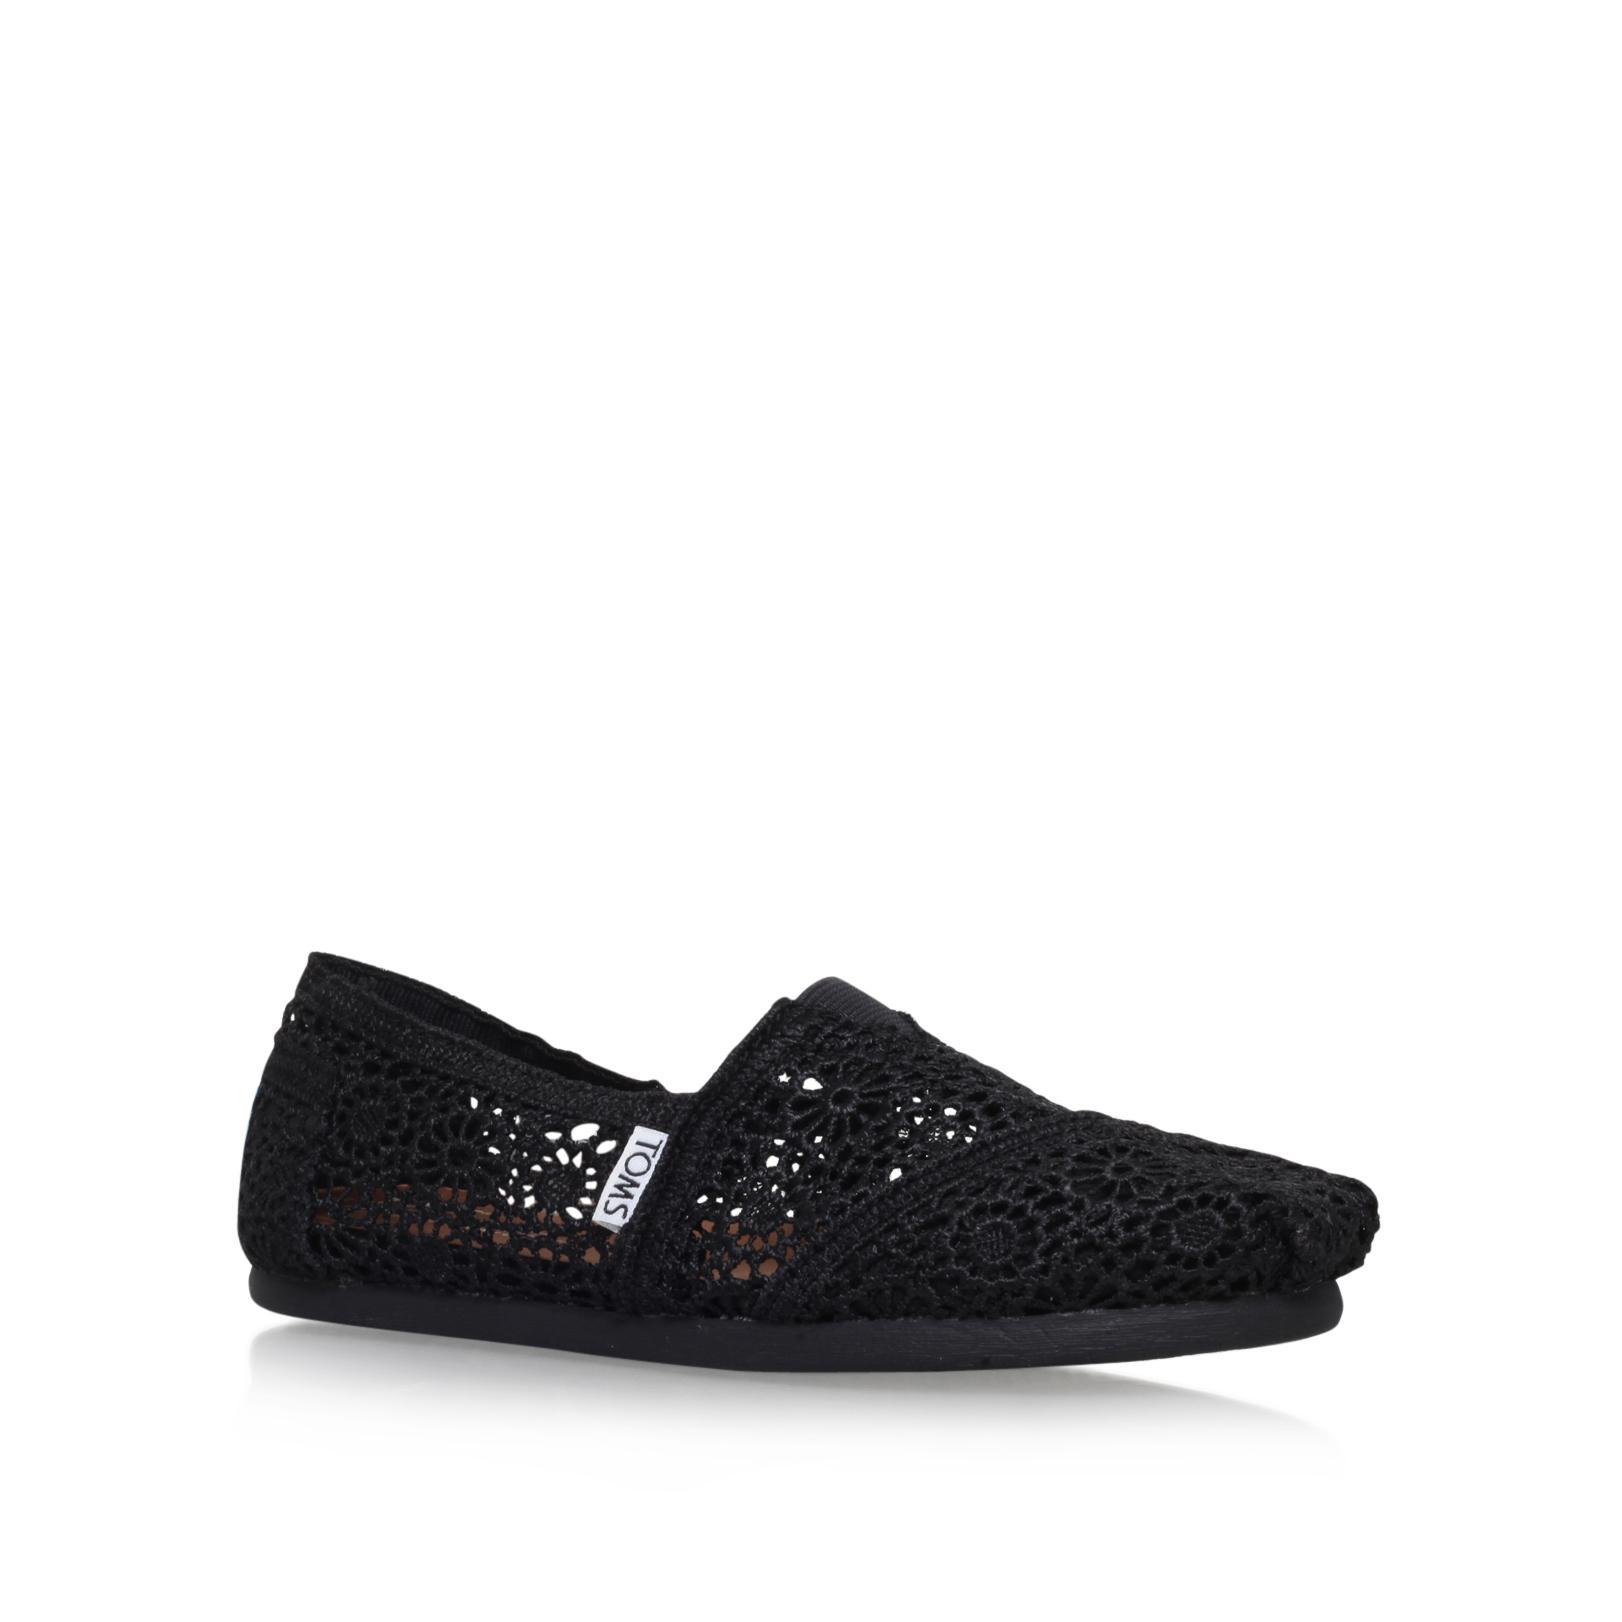 Toms Black Crochet Shoes